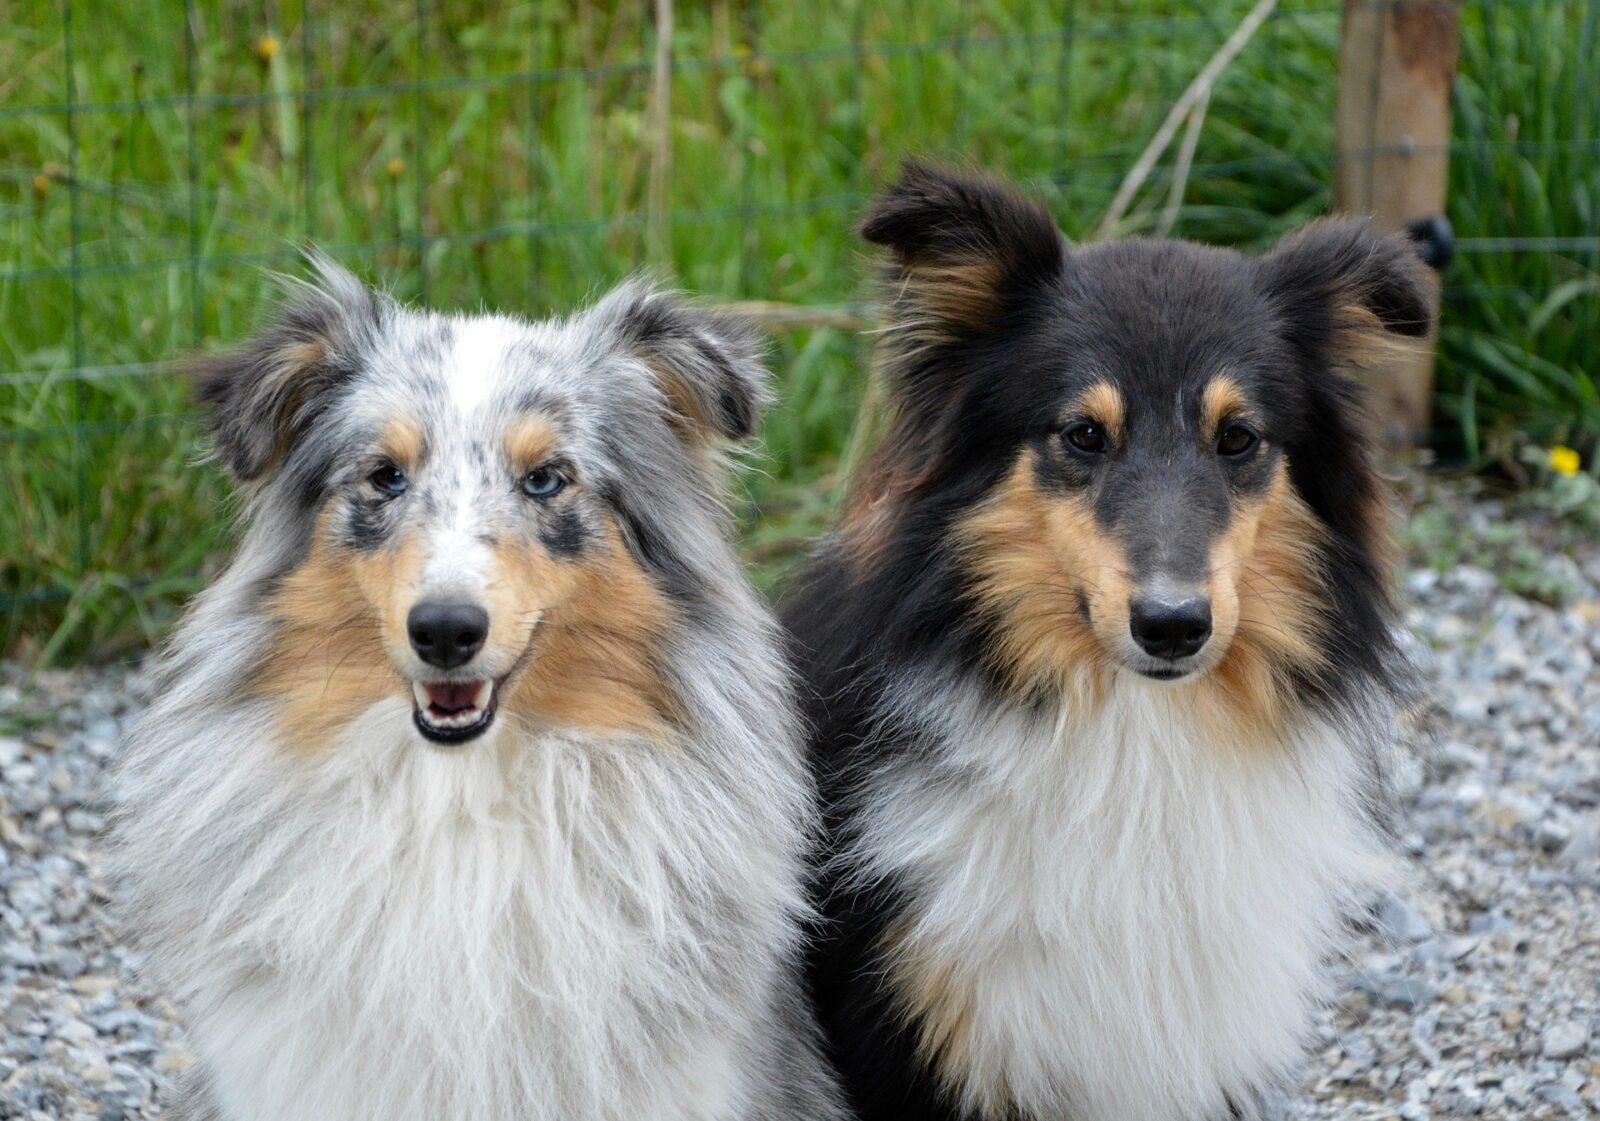 dog breed mating